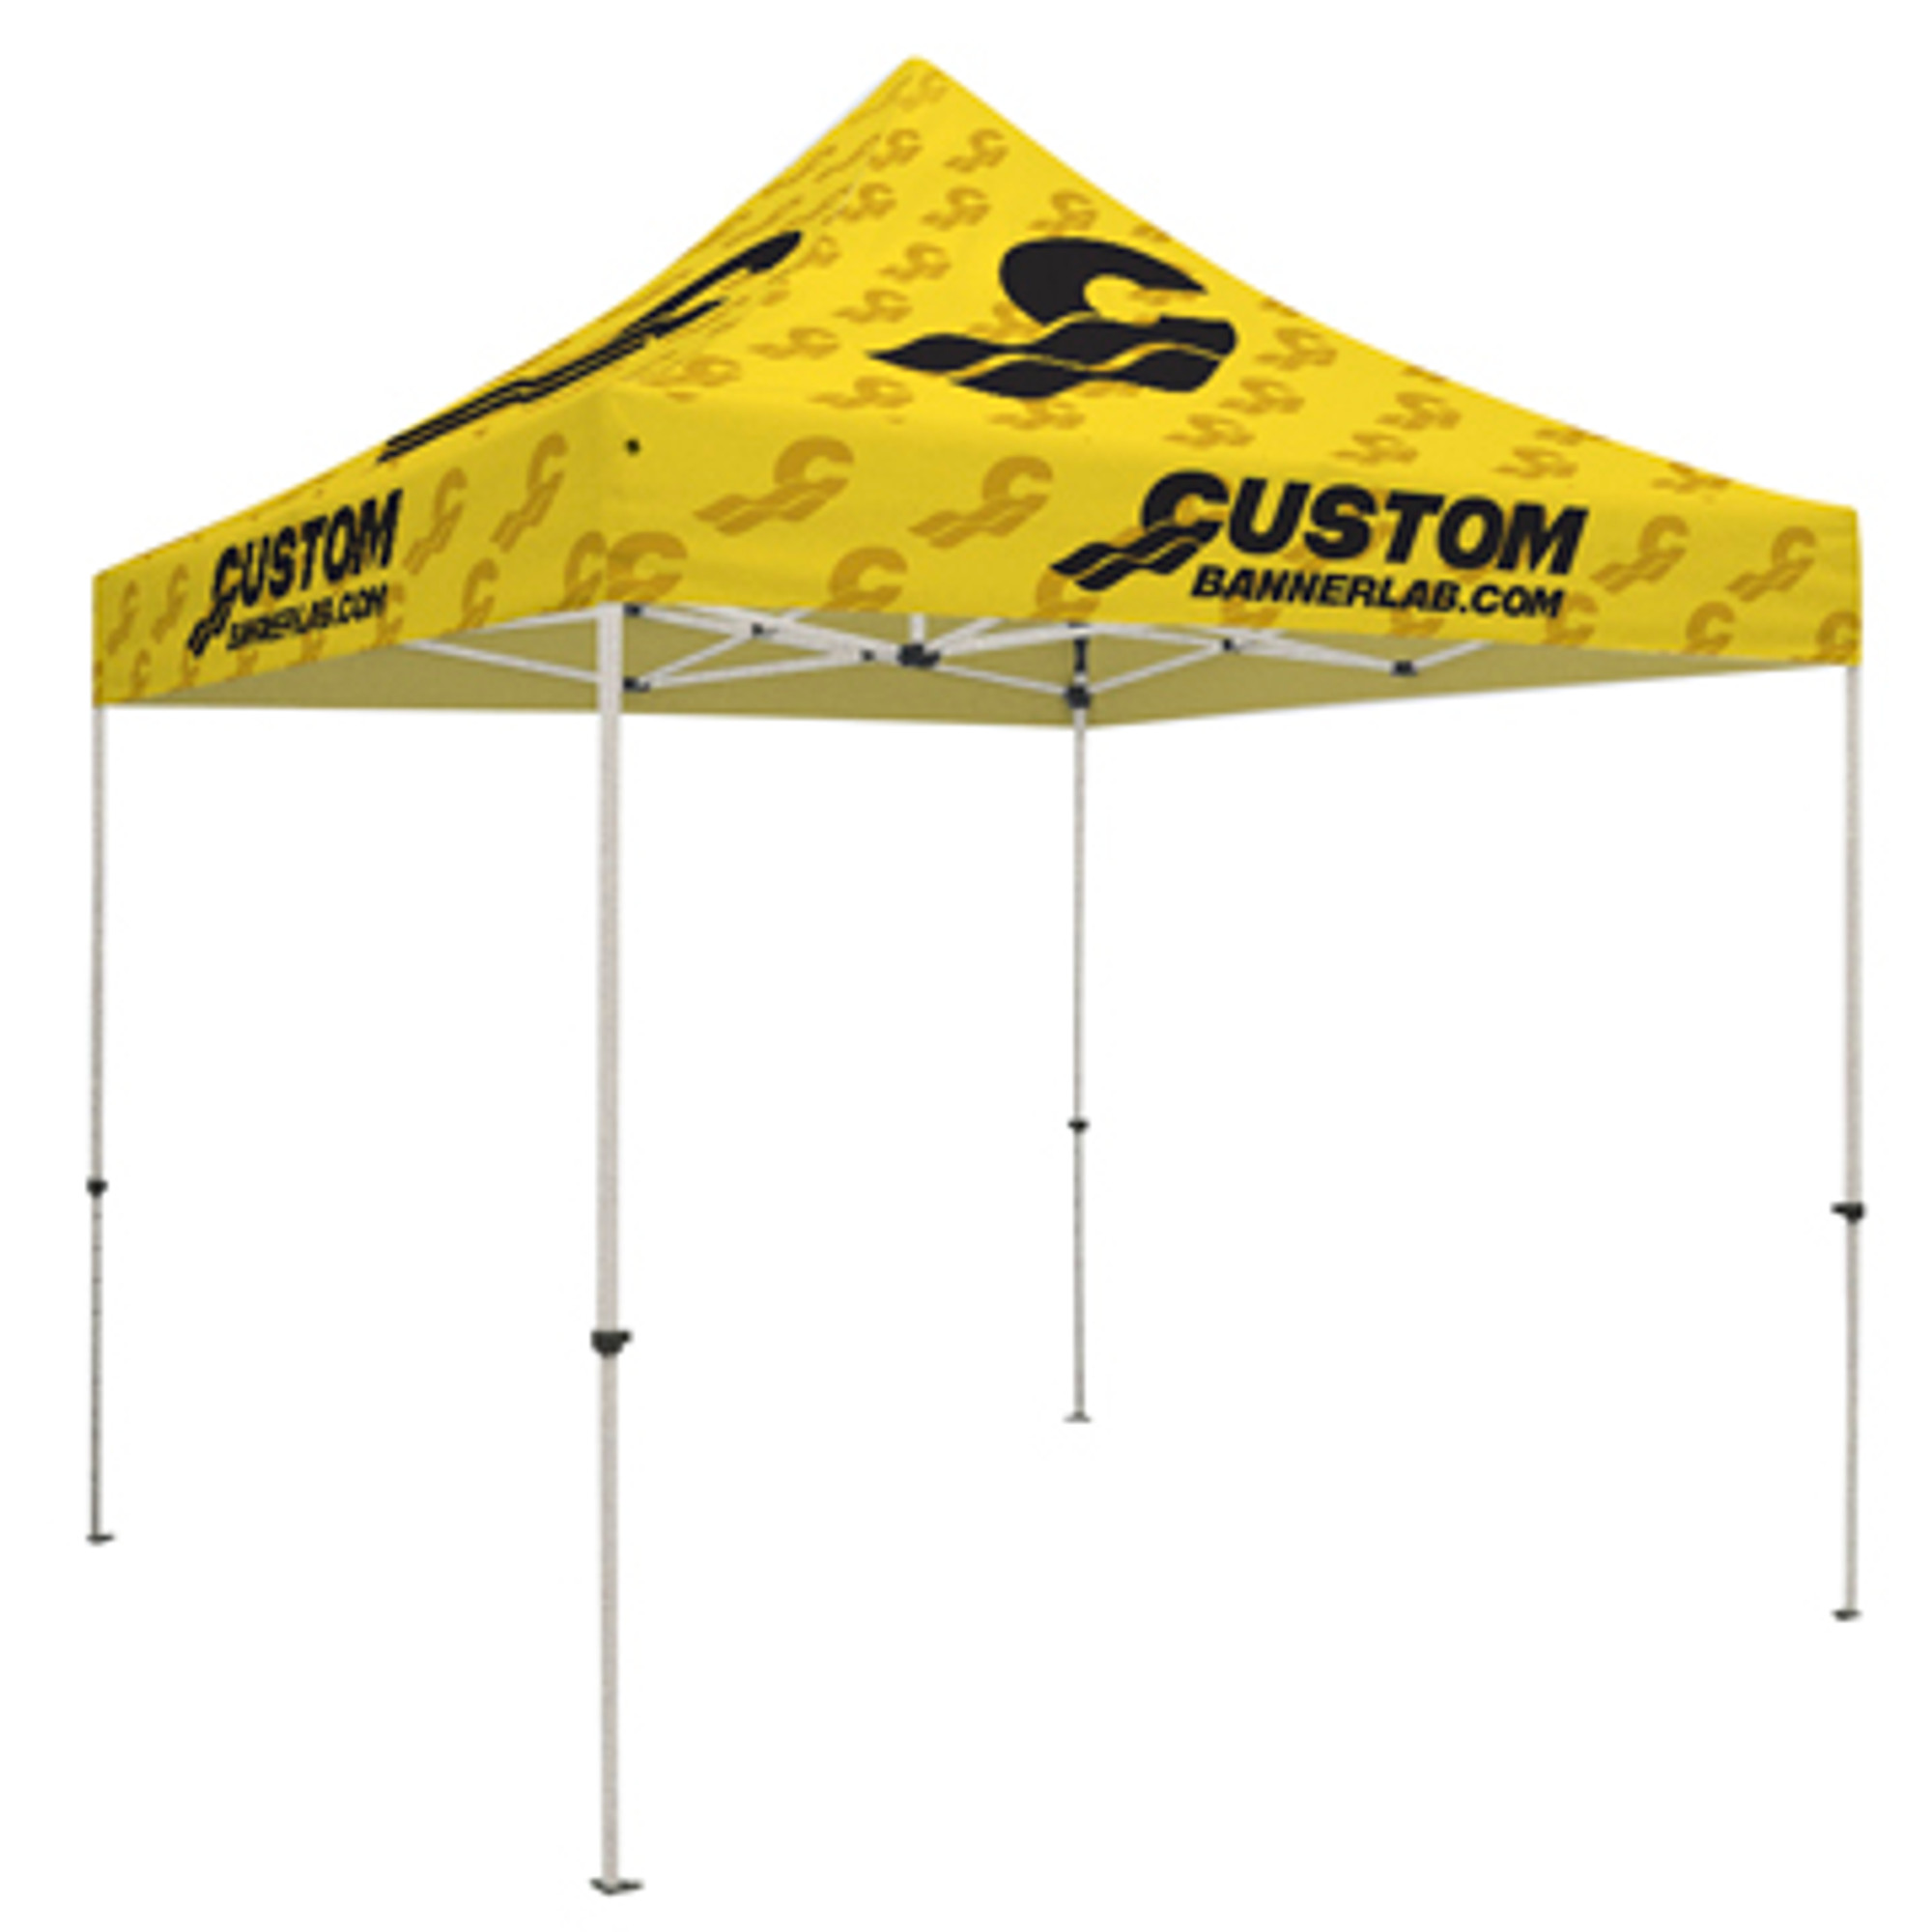 Multi-função da tenda personalizada inflável